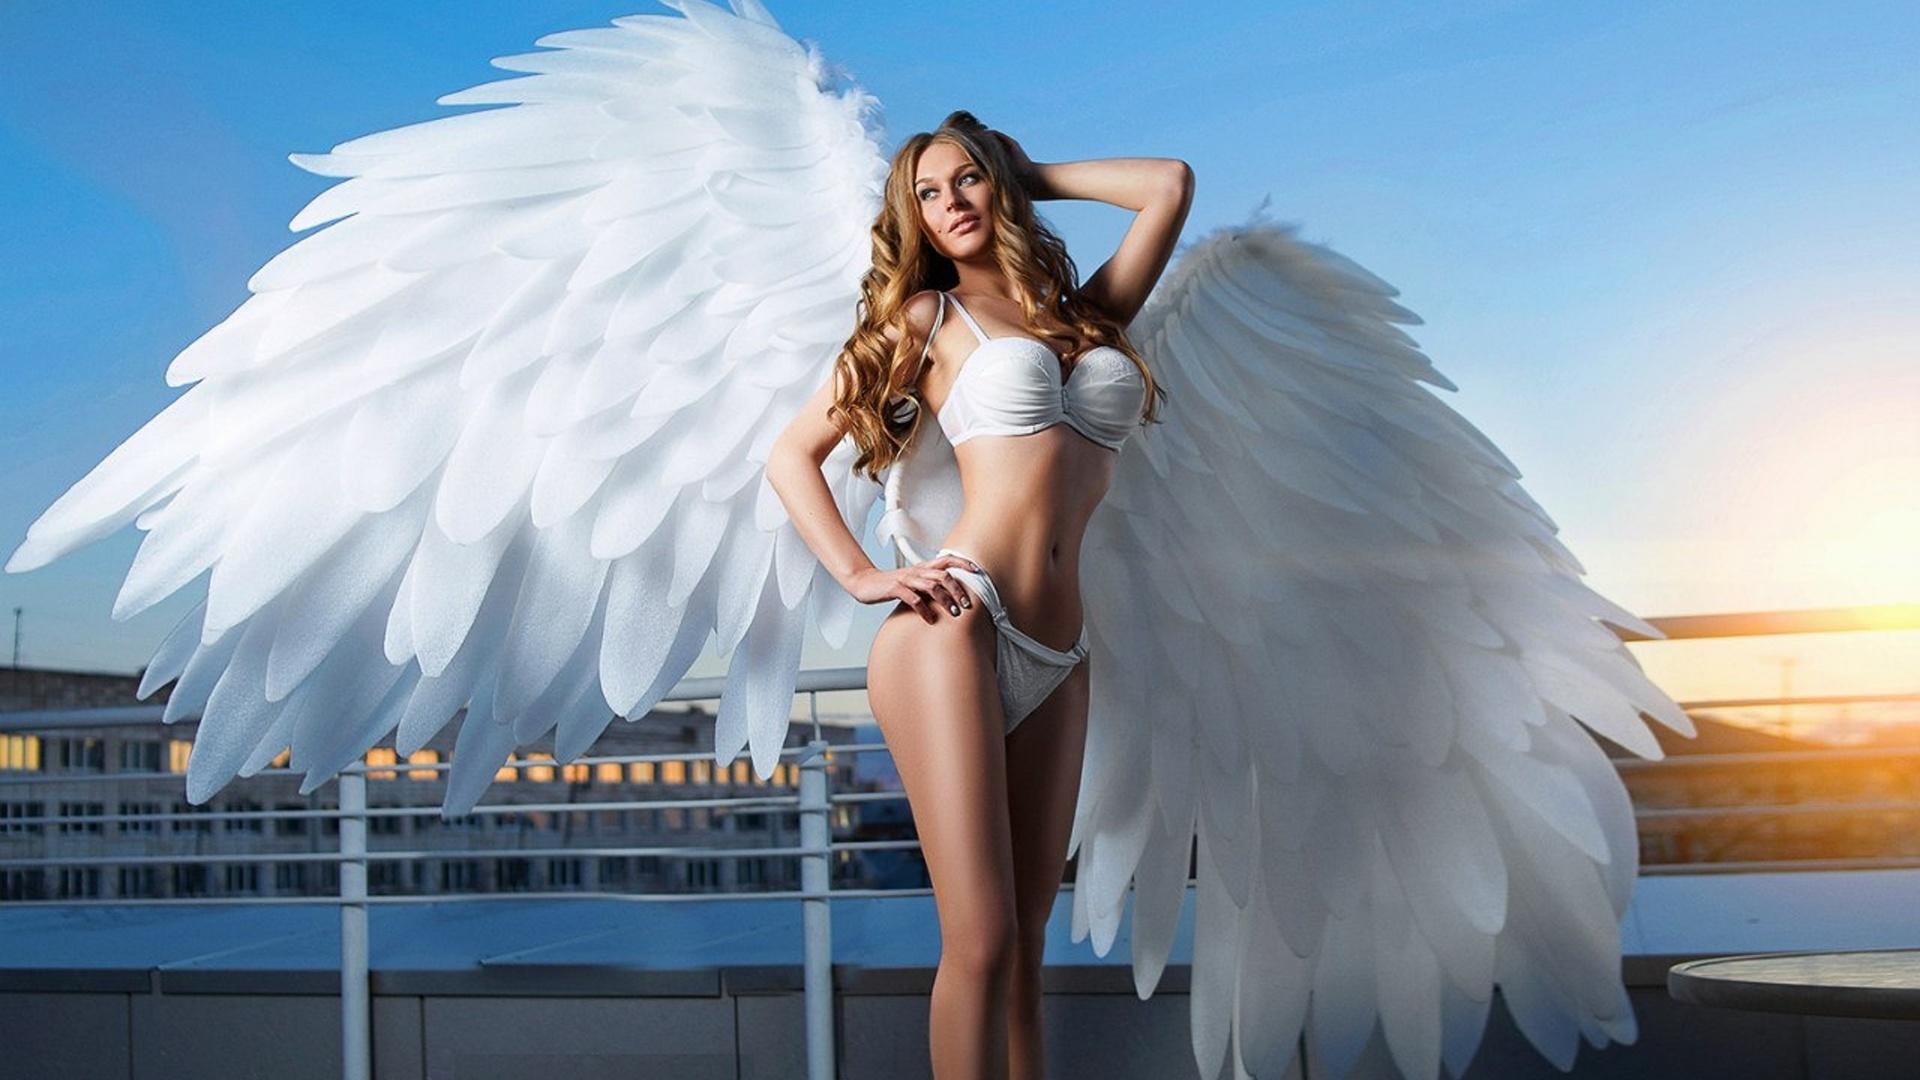 Красивые картинки с ангелами девушками, старых открытках